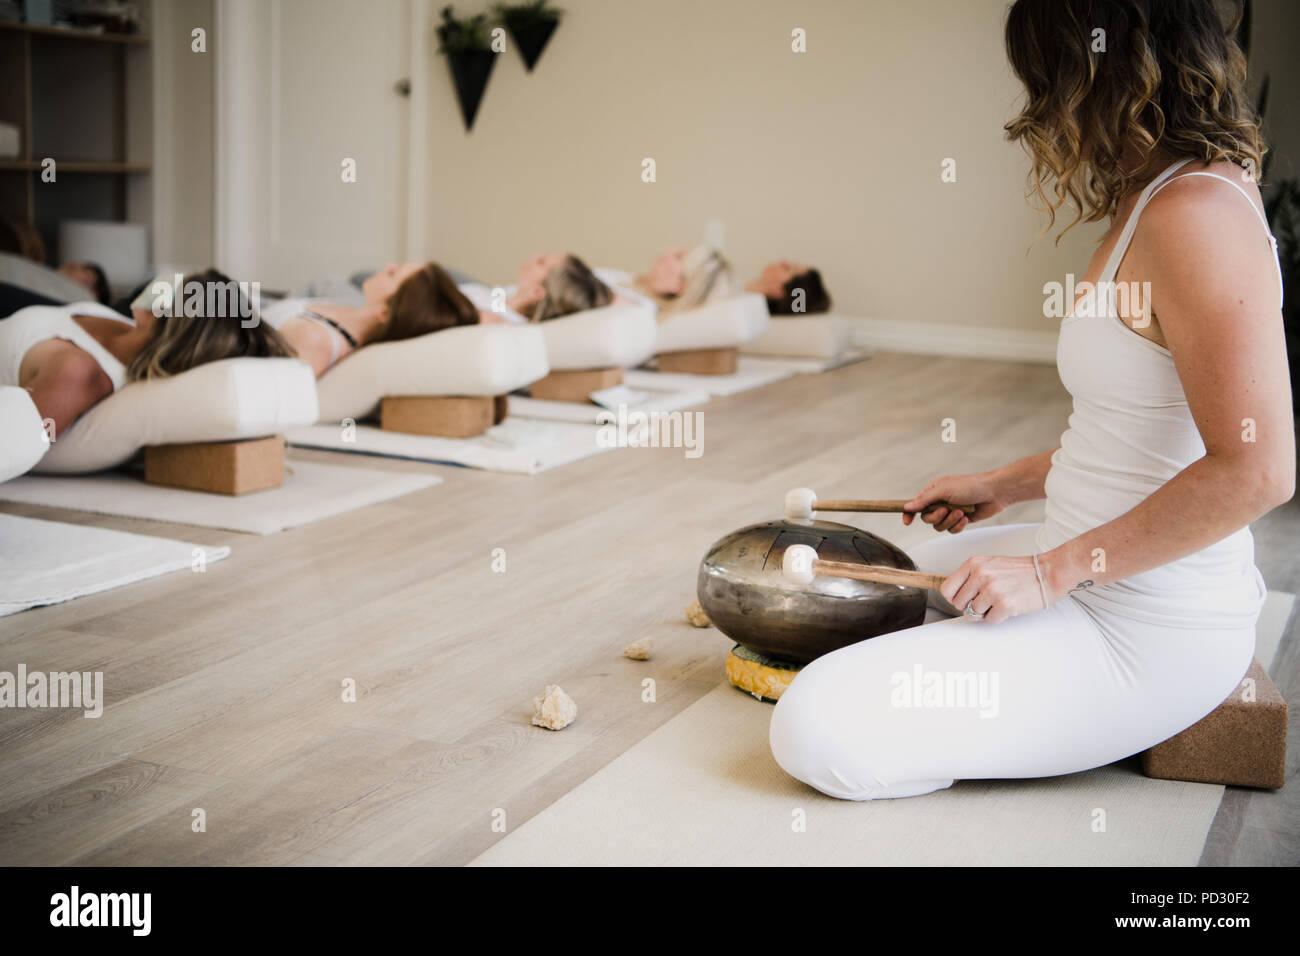 Le donne in posa di rilassamento dopo la lezione di yoga al ritiro Immagini Stock